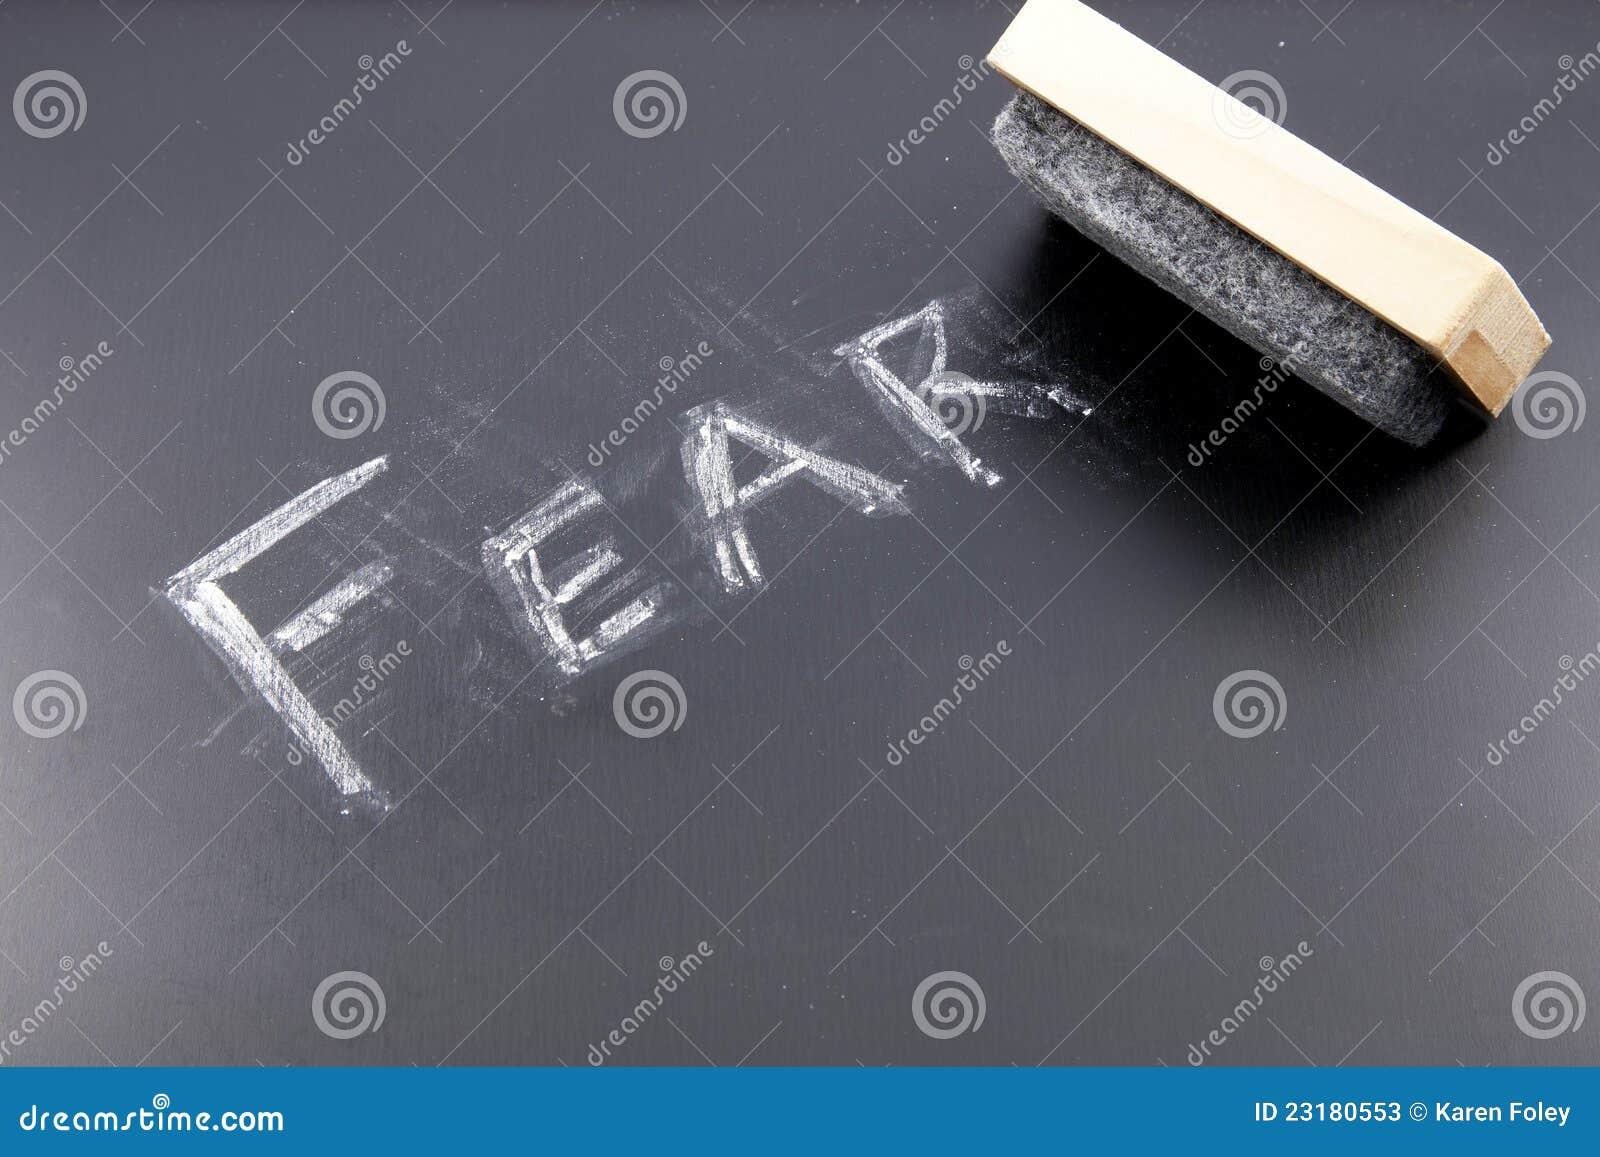 Erasing Fear